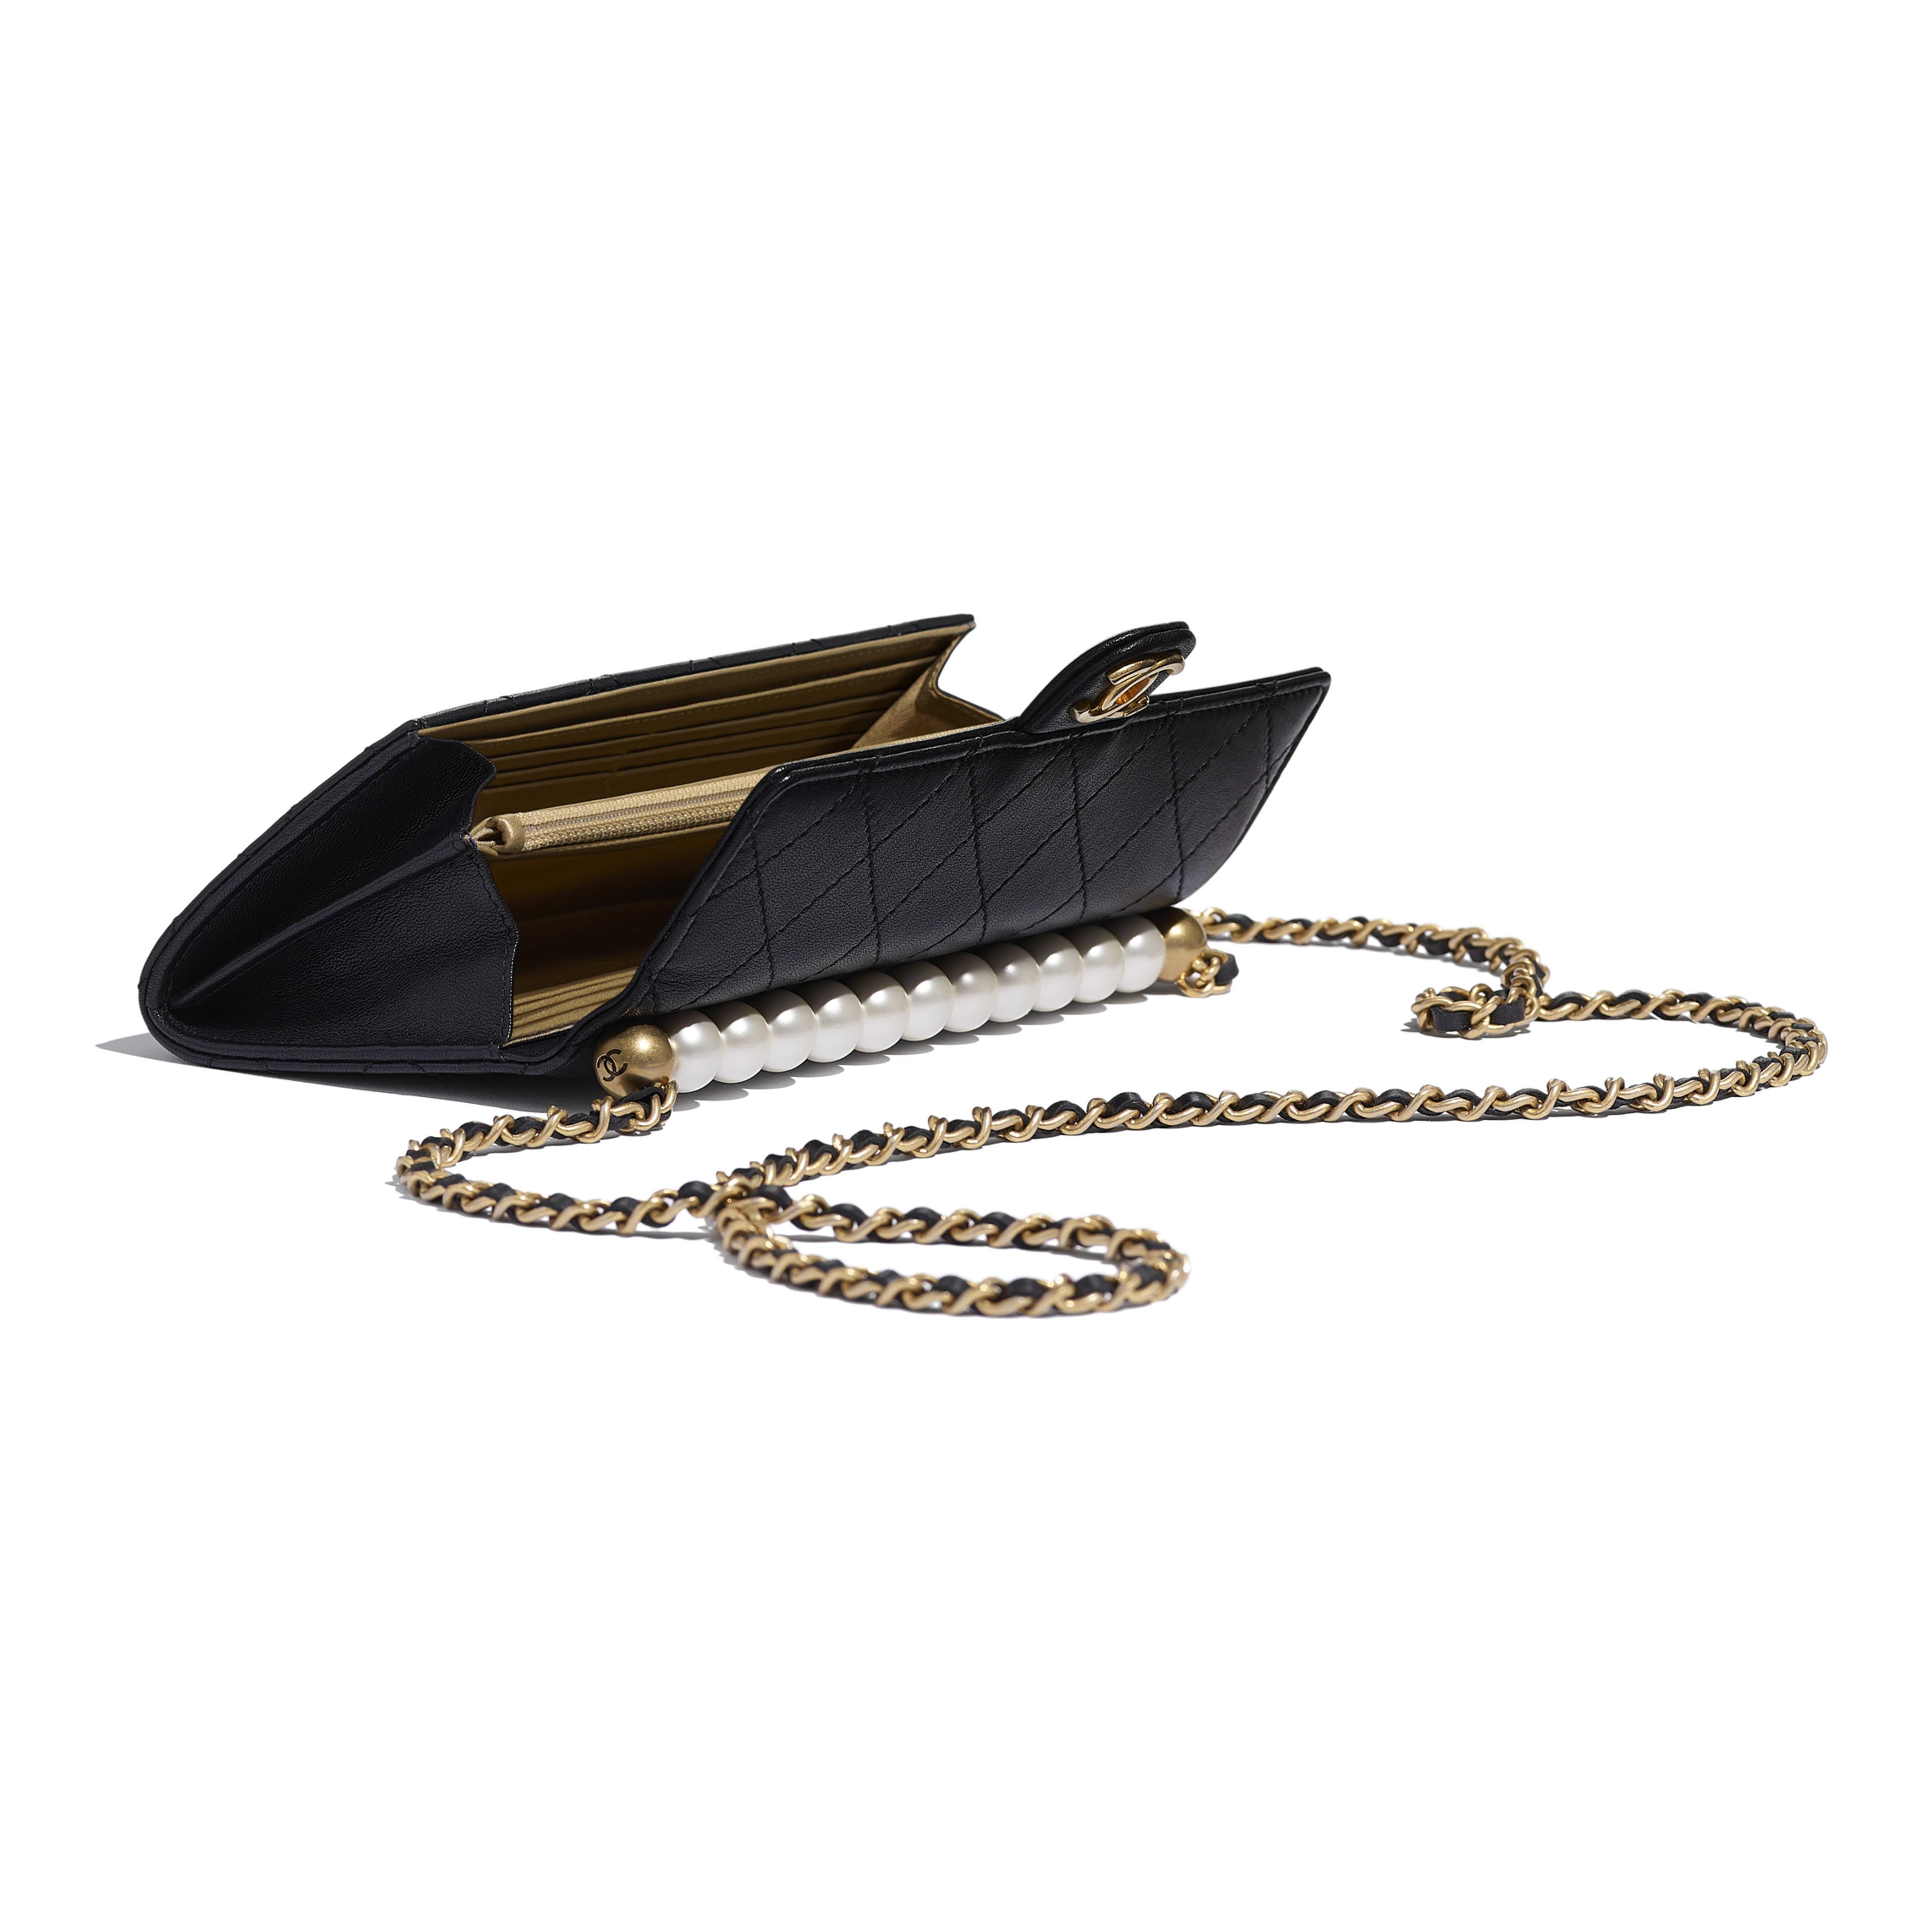 กระเป๋าคลัทช์พร้อมสายโซ่ - สีดำ - หนังแพะ, มุกสังเคราะห์ และโลหะสีทอง - มุมมองพิเศษ - ดูเวอร์ชันขนาดเต็ม